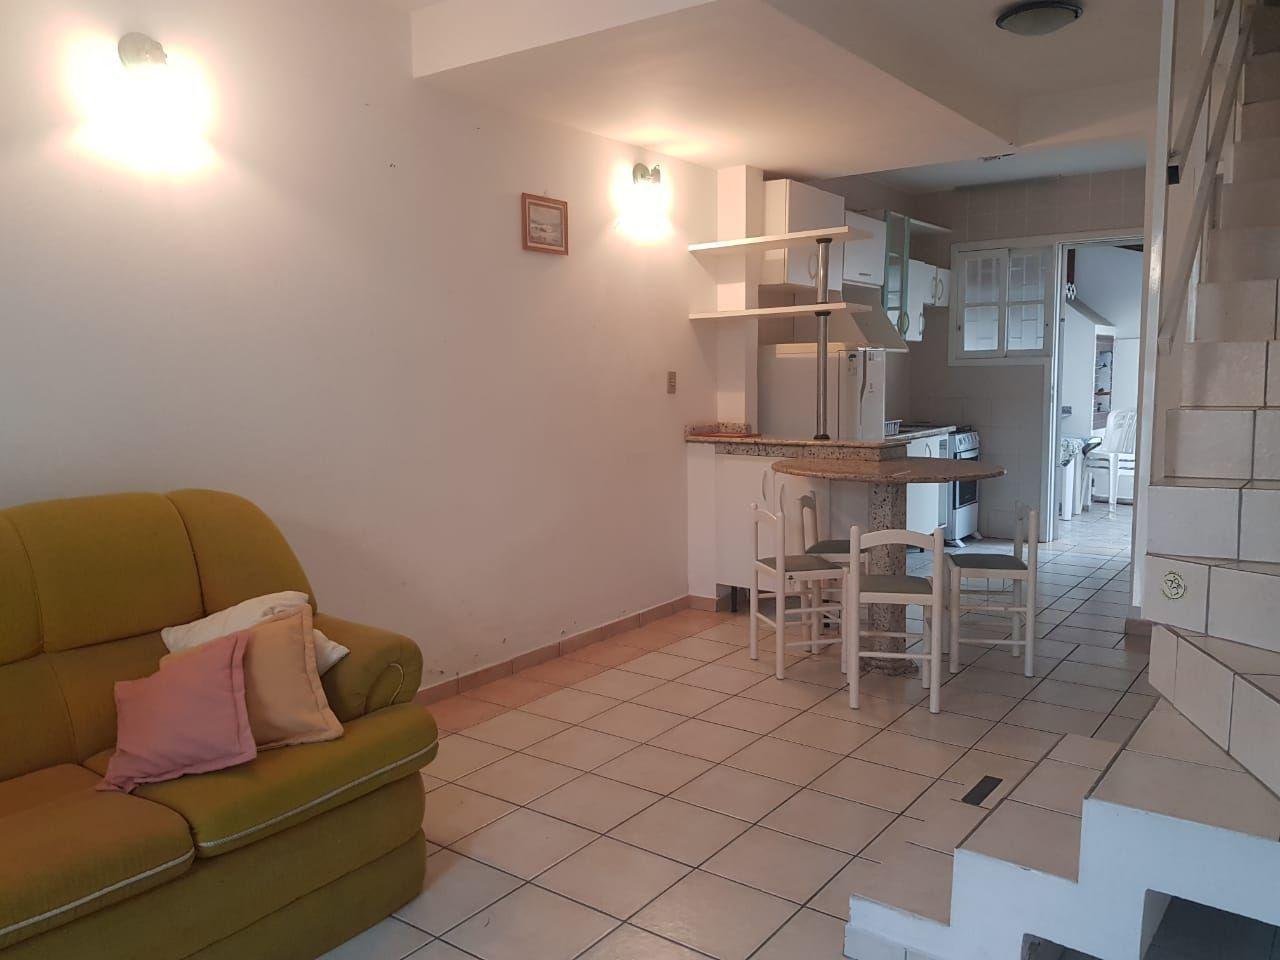 Apartamento com 2 Dormitórios para alugar, 80 m² por R$ 350,00